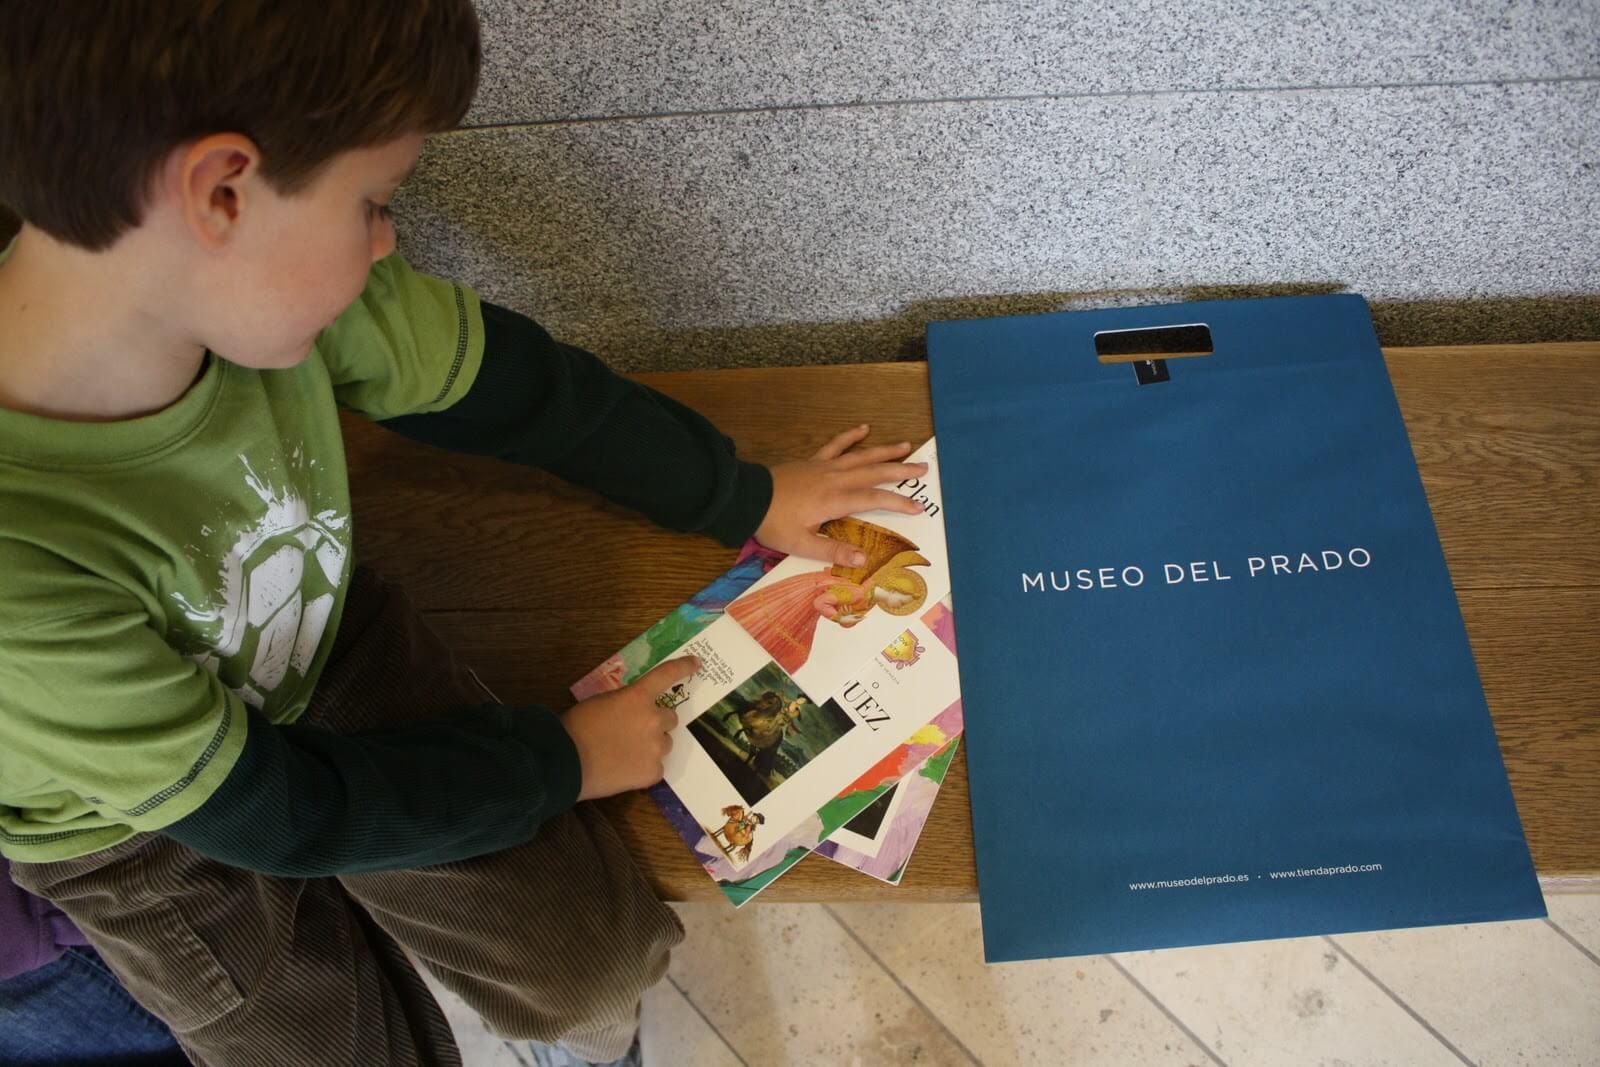 Un pequeño con panfletos del Museo del Prado.